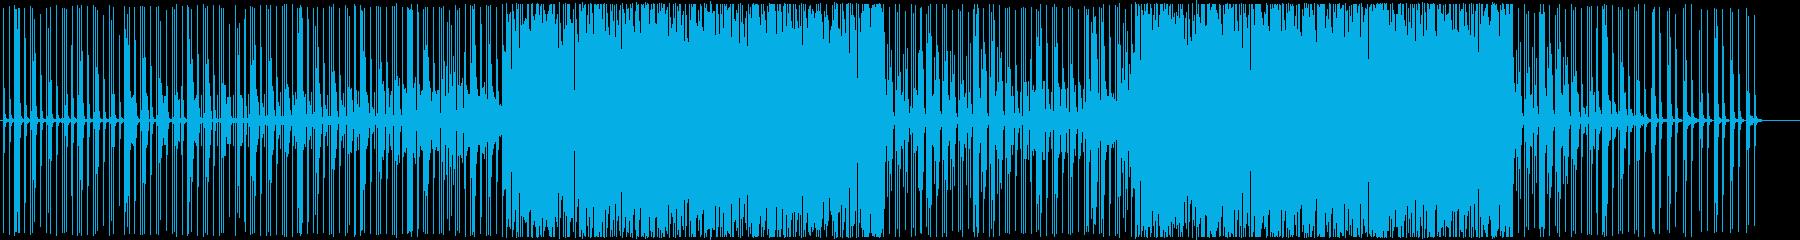 雄大-軽快穏やかシンセエレクトロの再生済みの波形